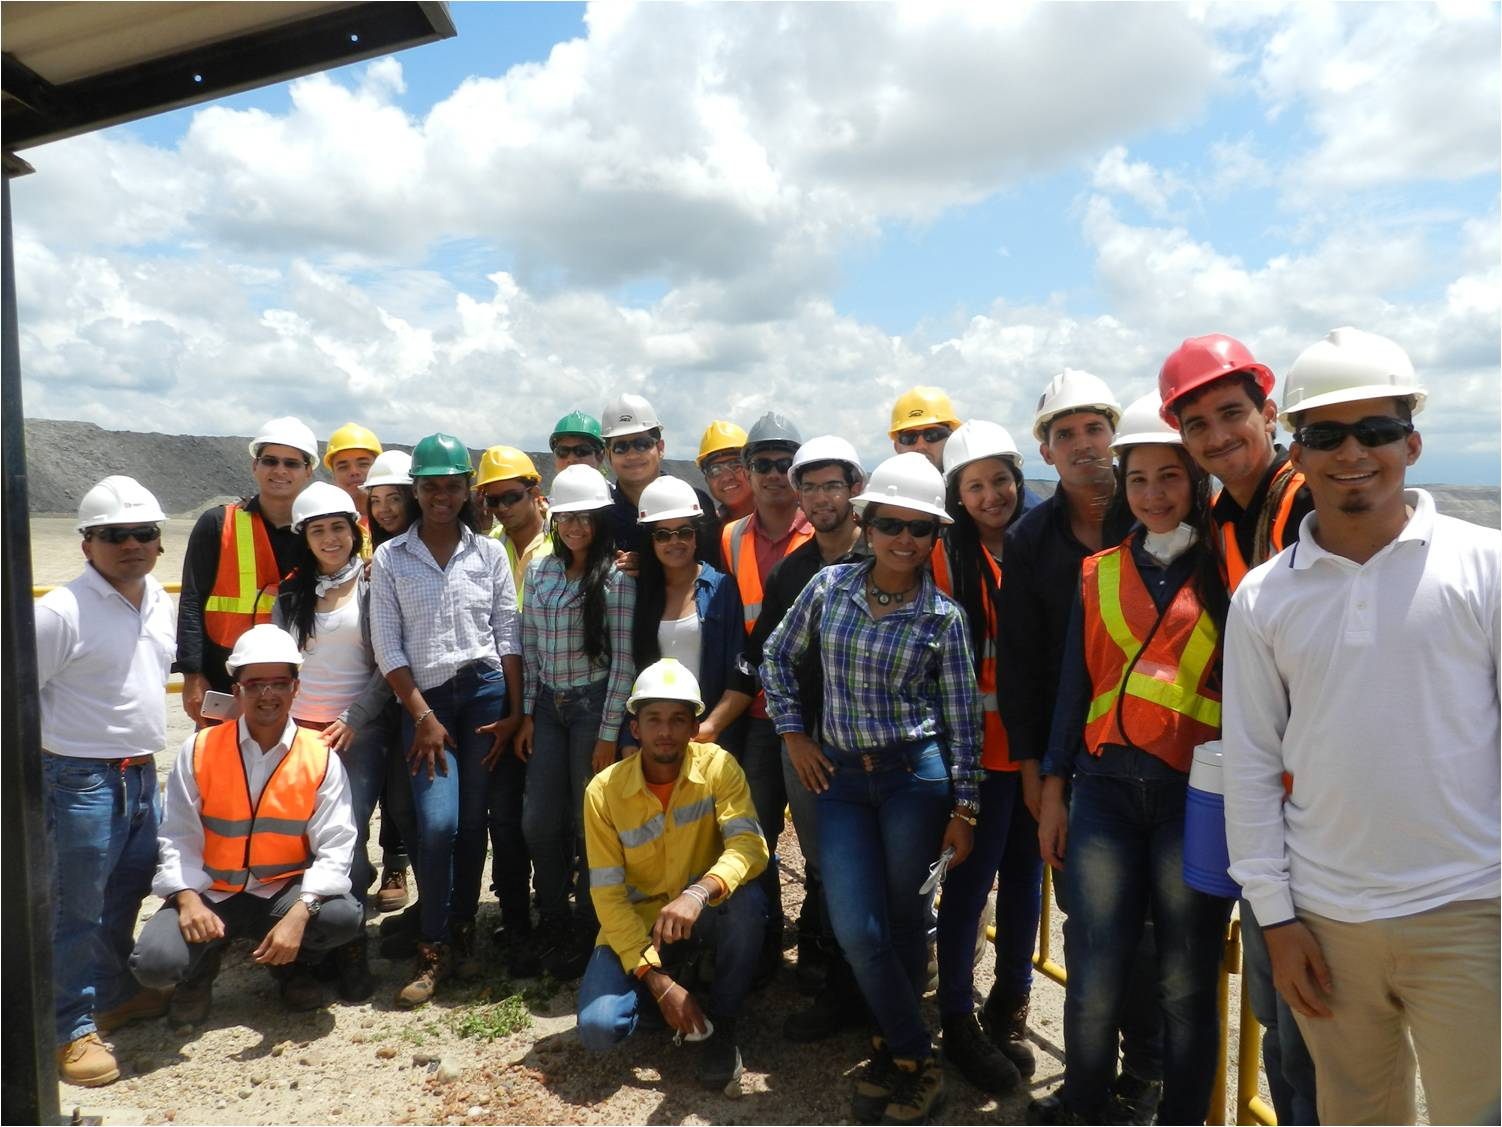 *Estudiantes de Ingeniería de Minas de la Fundación Universitaria del Área Andina en compañía de personal administrativo de Drummond Ltd. en el mirador Rampa 7.